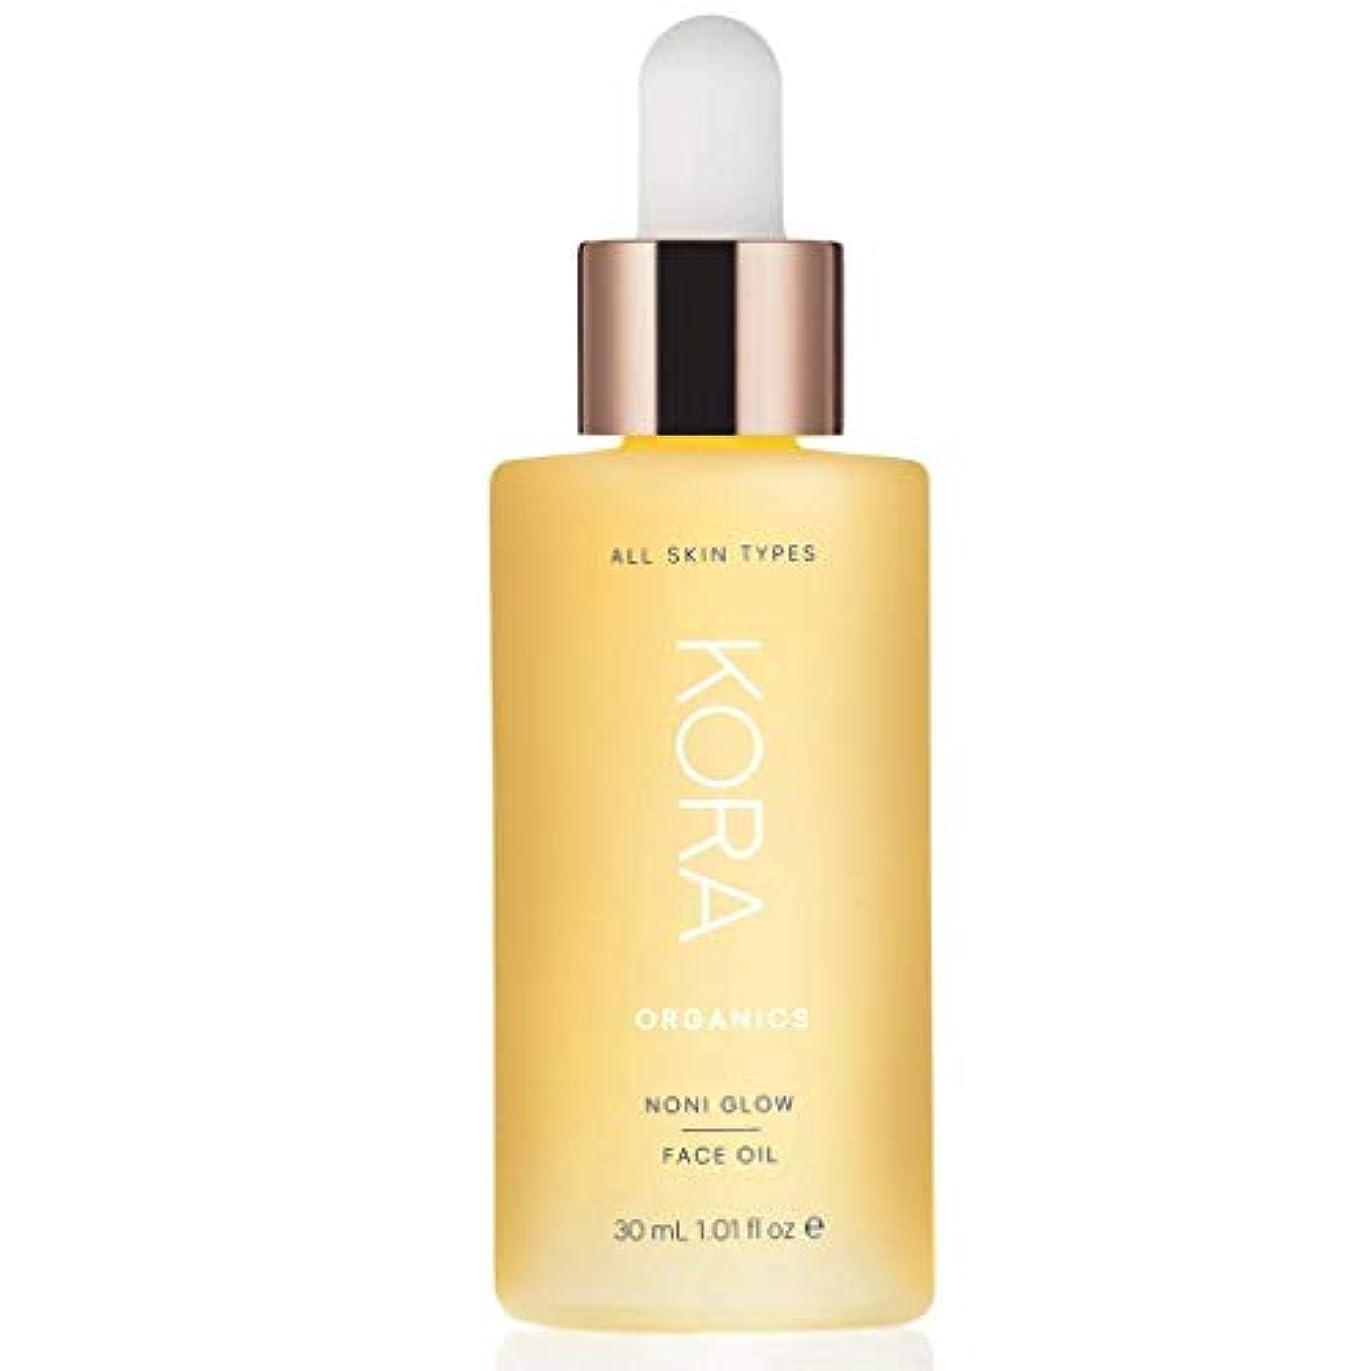 キャリッジ維持する仮称[Kora Organics]ノニ グロー フェイスオイル(フェイスマスク?保湿オイル)[Noni Glow Face Oil][海外直送品] (30ml)